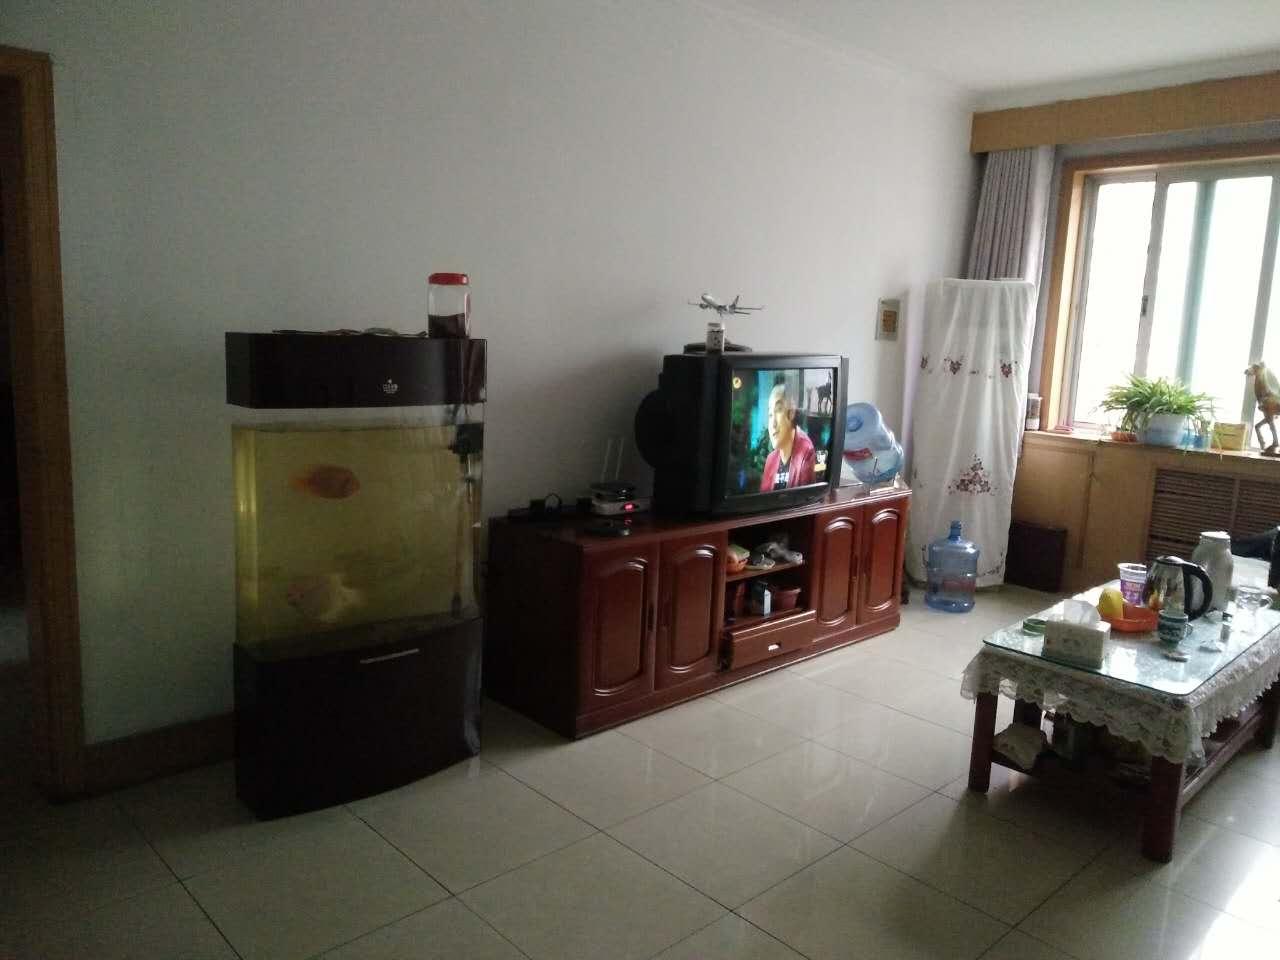 青龙潭小区 3室2厅  简装 125万房型图